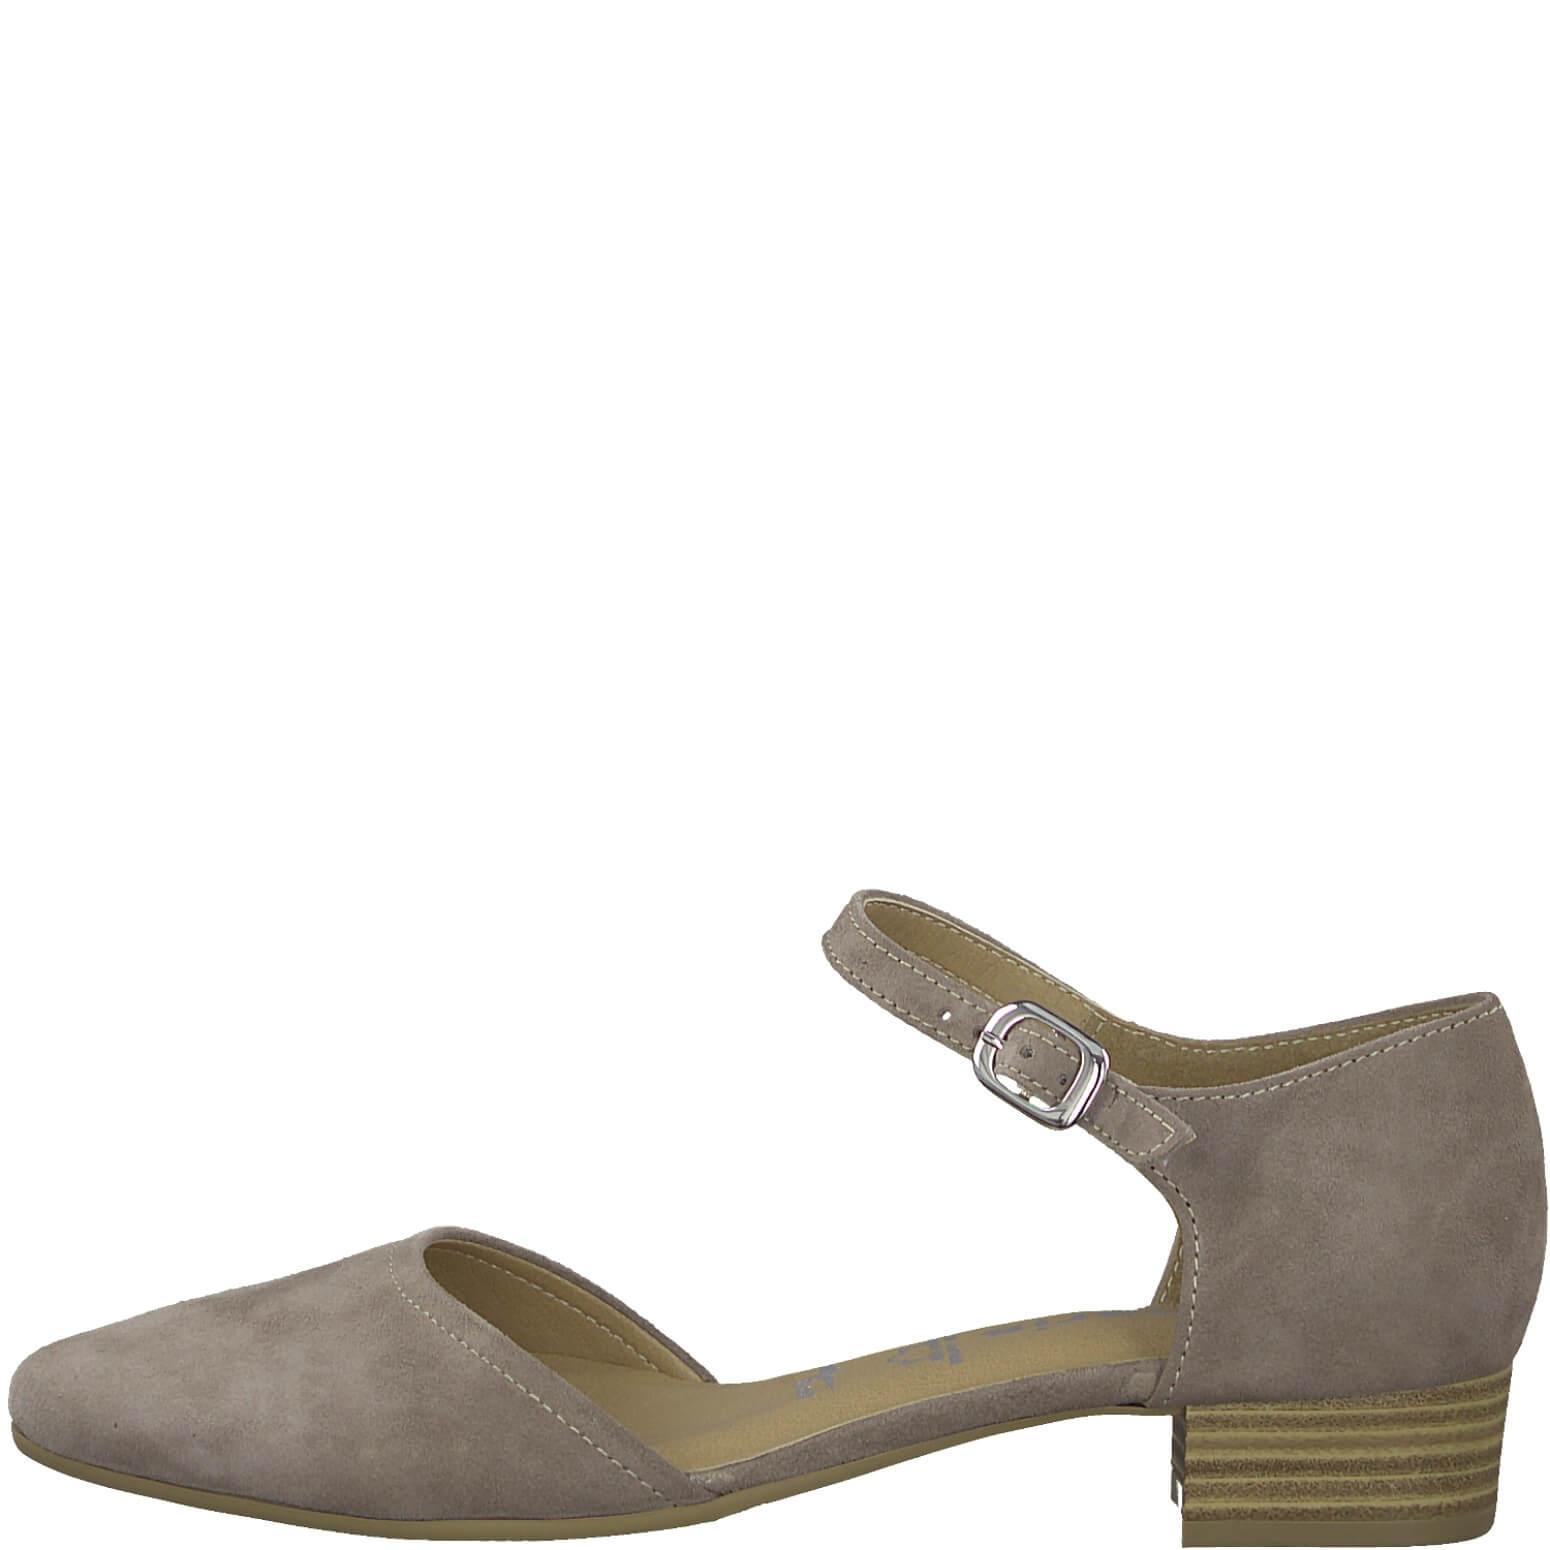 Tamaris Női alkalmi cipő 1-1-24210-22 -341 Taupe Ingyenes SZÁLLÍTÁS ... 8d13389c95